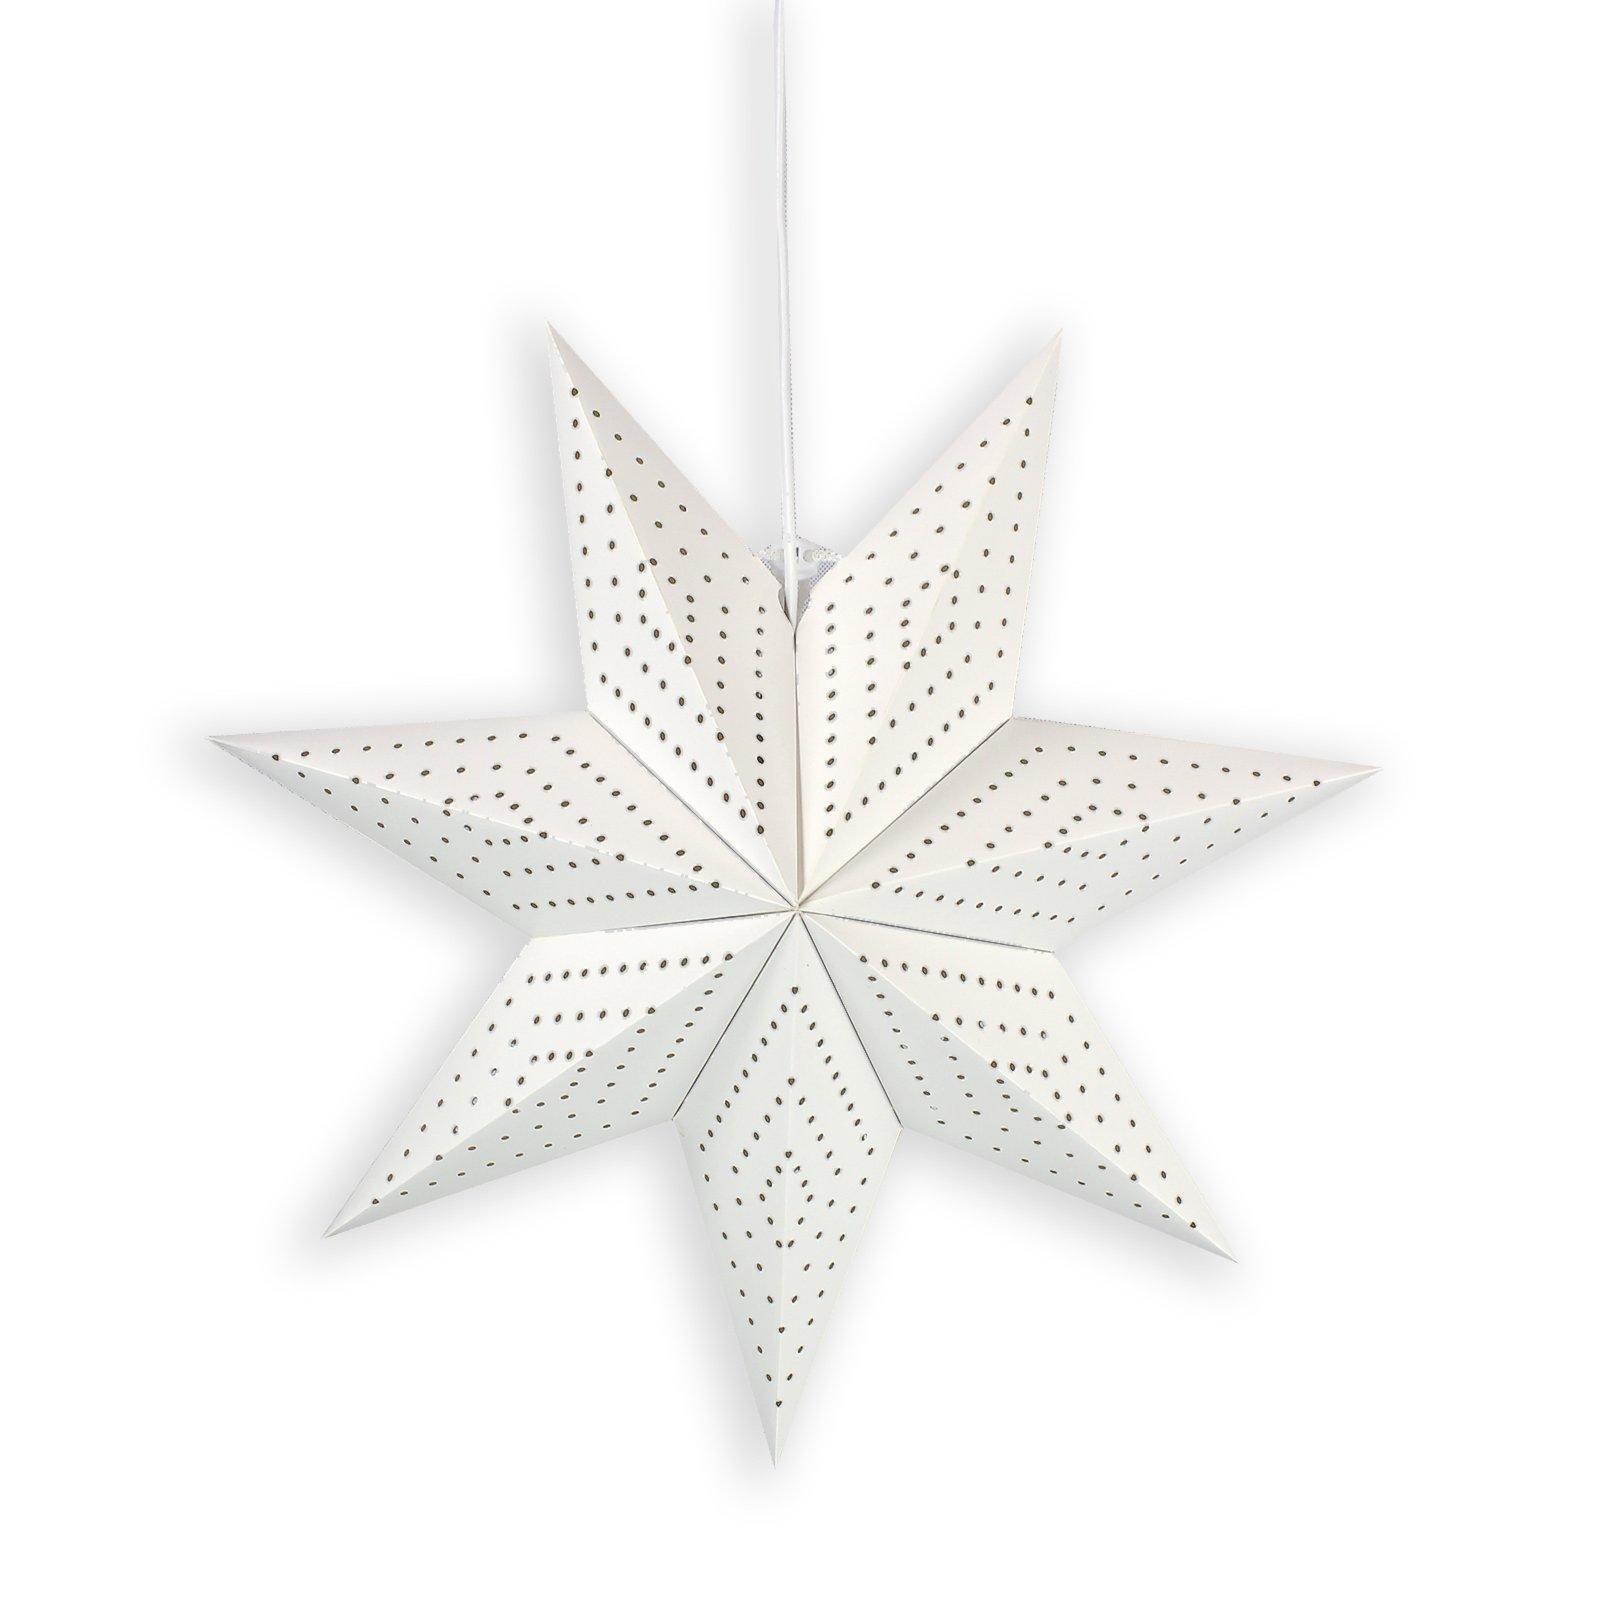 Deko-Pendelleuchte Stern - weiß - Ø 43 cm